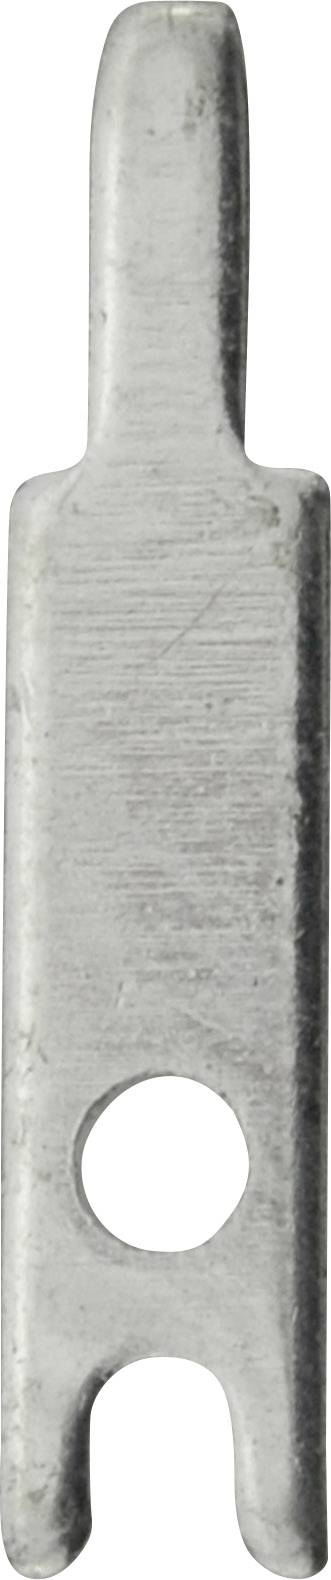 Pájecí kolík pocínovaný Vogt Verbindungstechnik 1001s.68, 100 ks